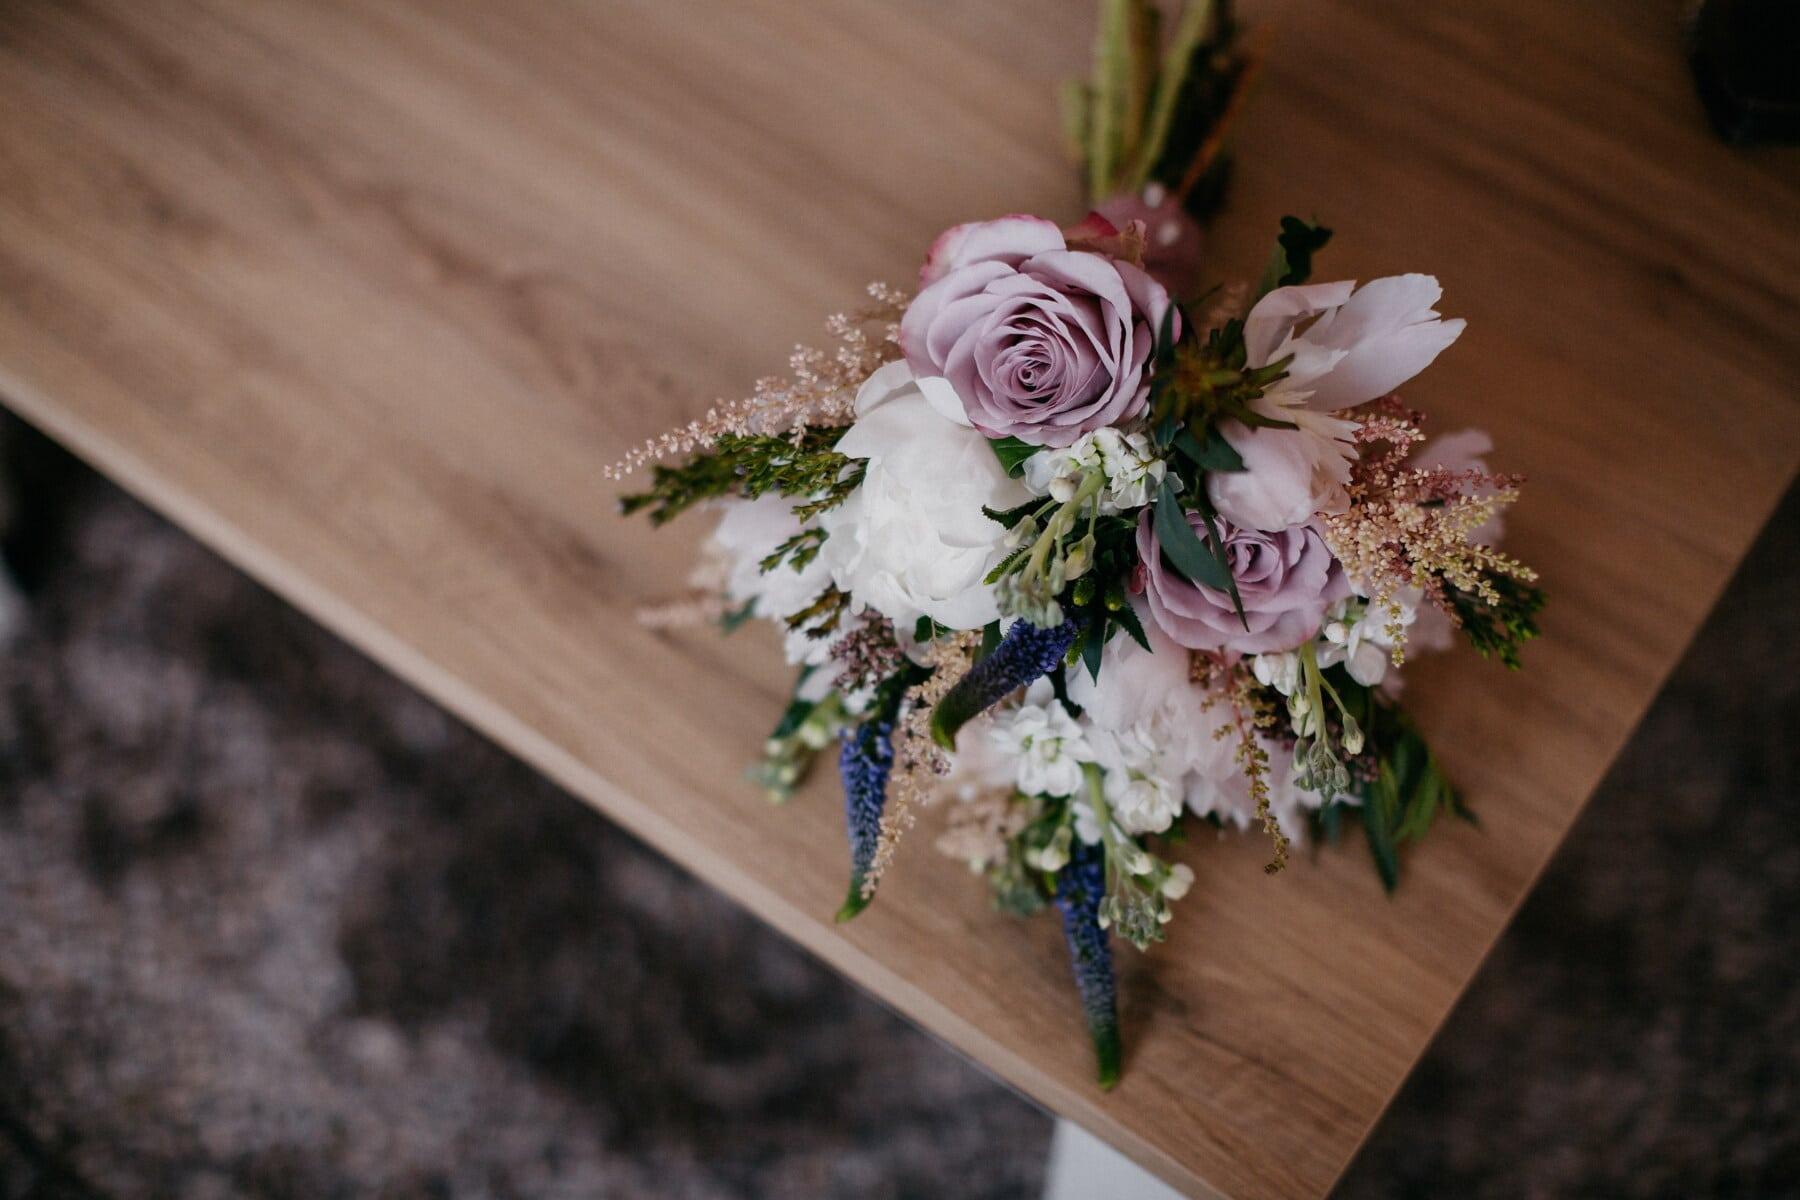 Blumen, Blumenstrauß, Tabelle, Ecke, Blume, Dekoration, Holz, stieg, Blatt, Still-Leben